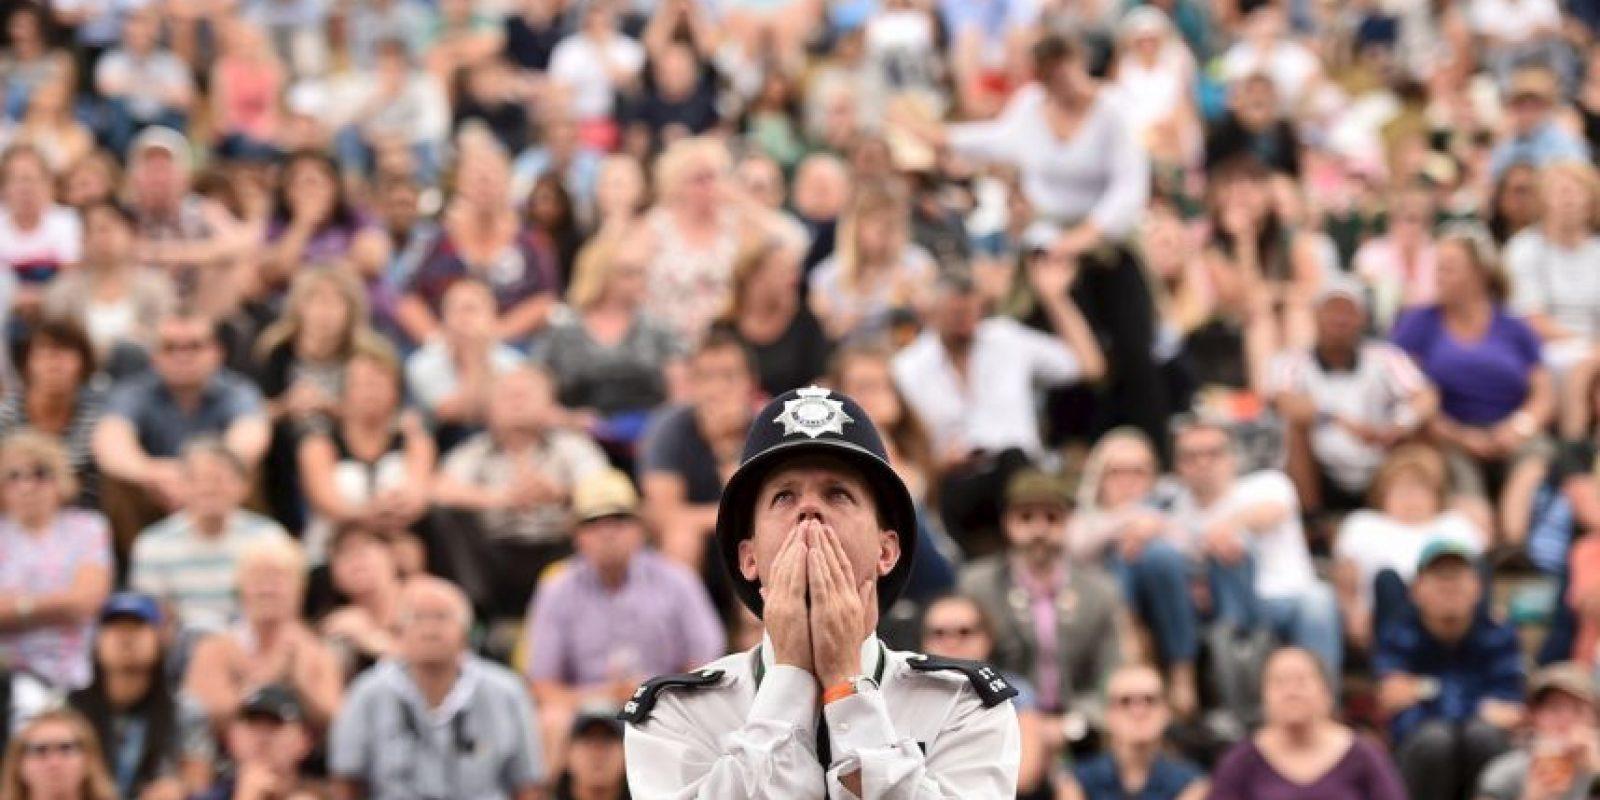 Un oficial de policía británico reacciona cuando ve una pantalla gigante que muestra el Campeonato de Wimbledon. Foto:AFP